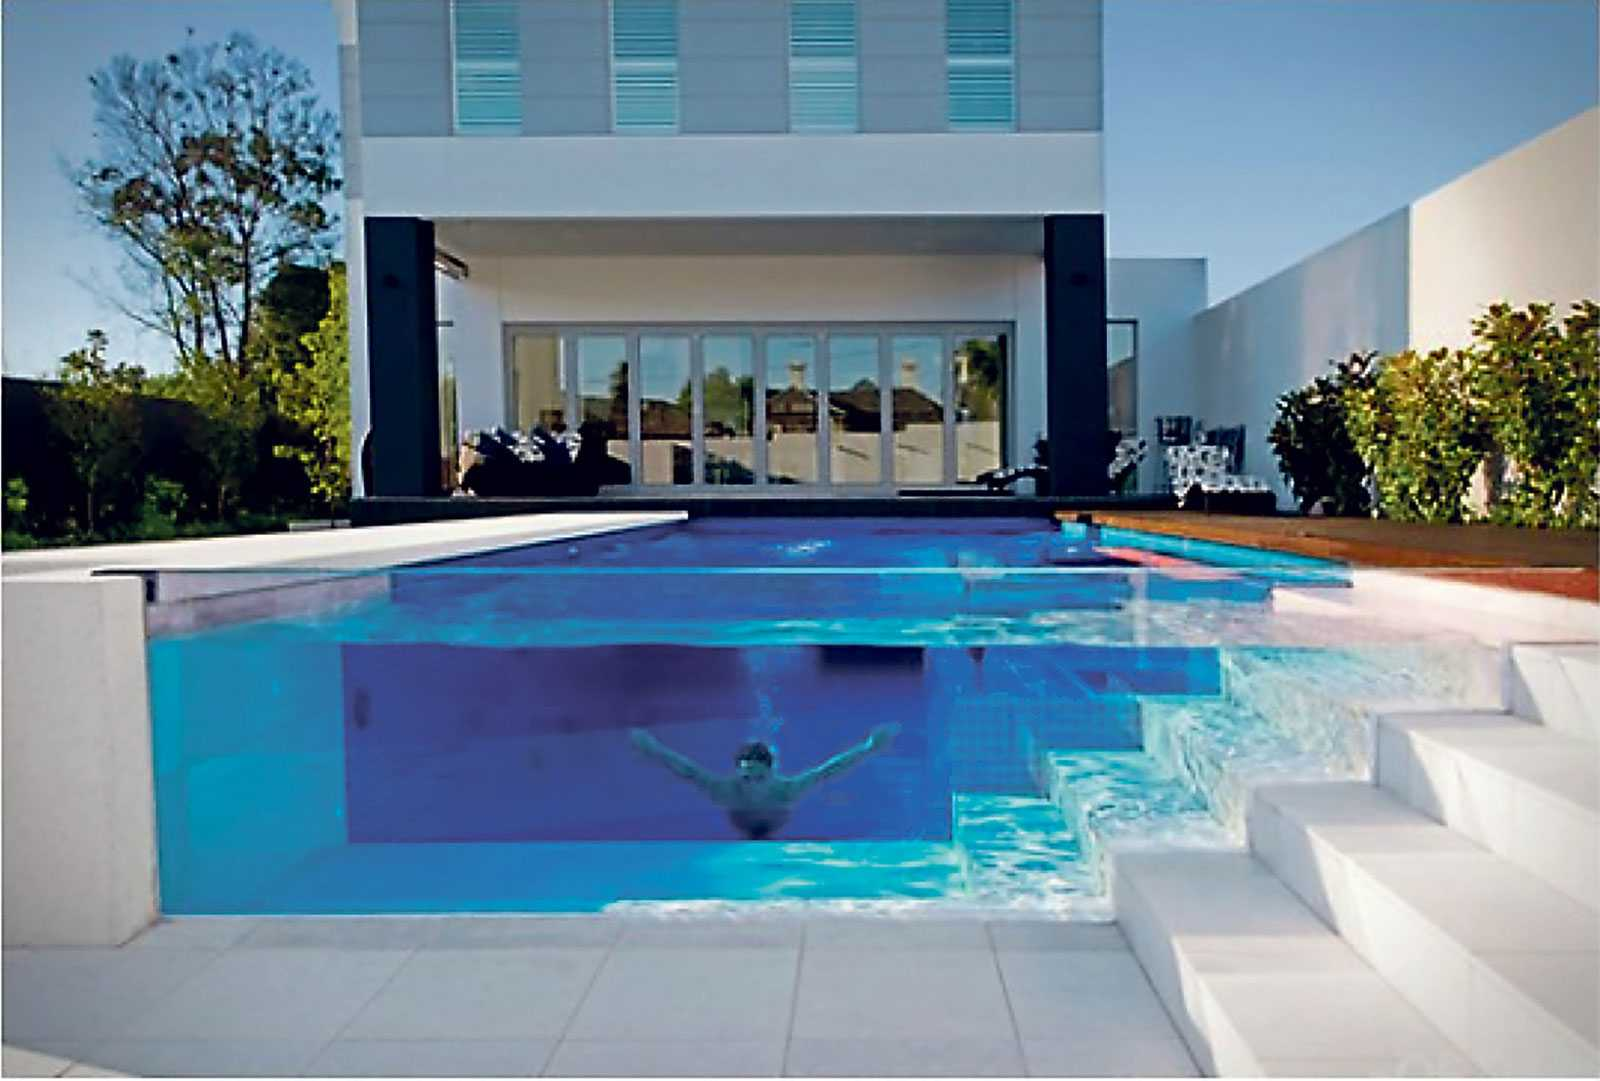 Faire Construire Une Piscine Intérieure piscine transparente : prix moyen d'une piscine avec parois